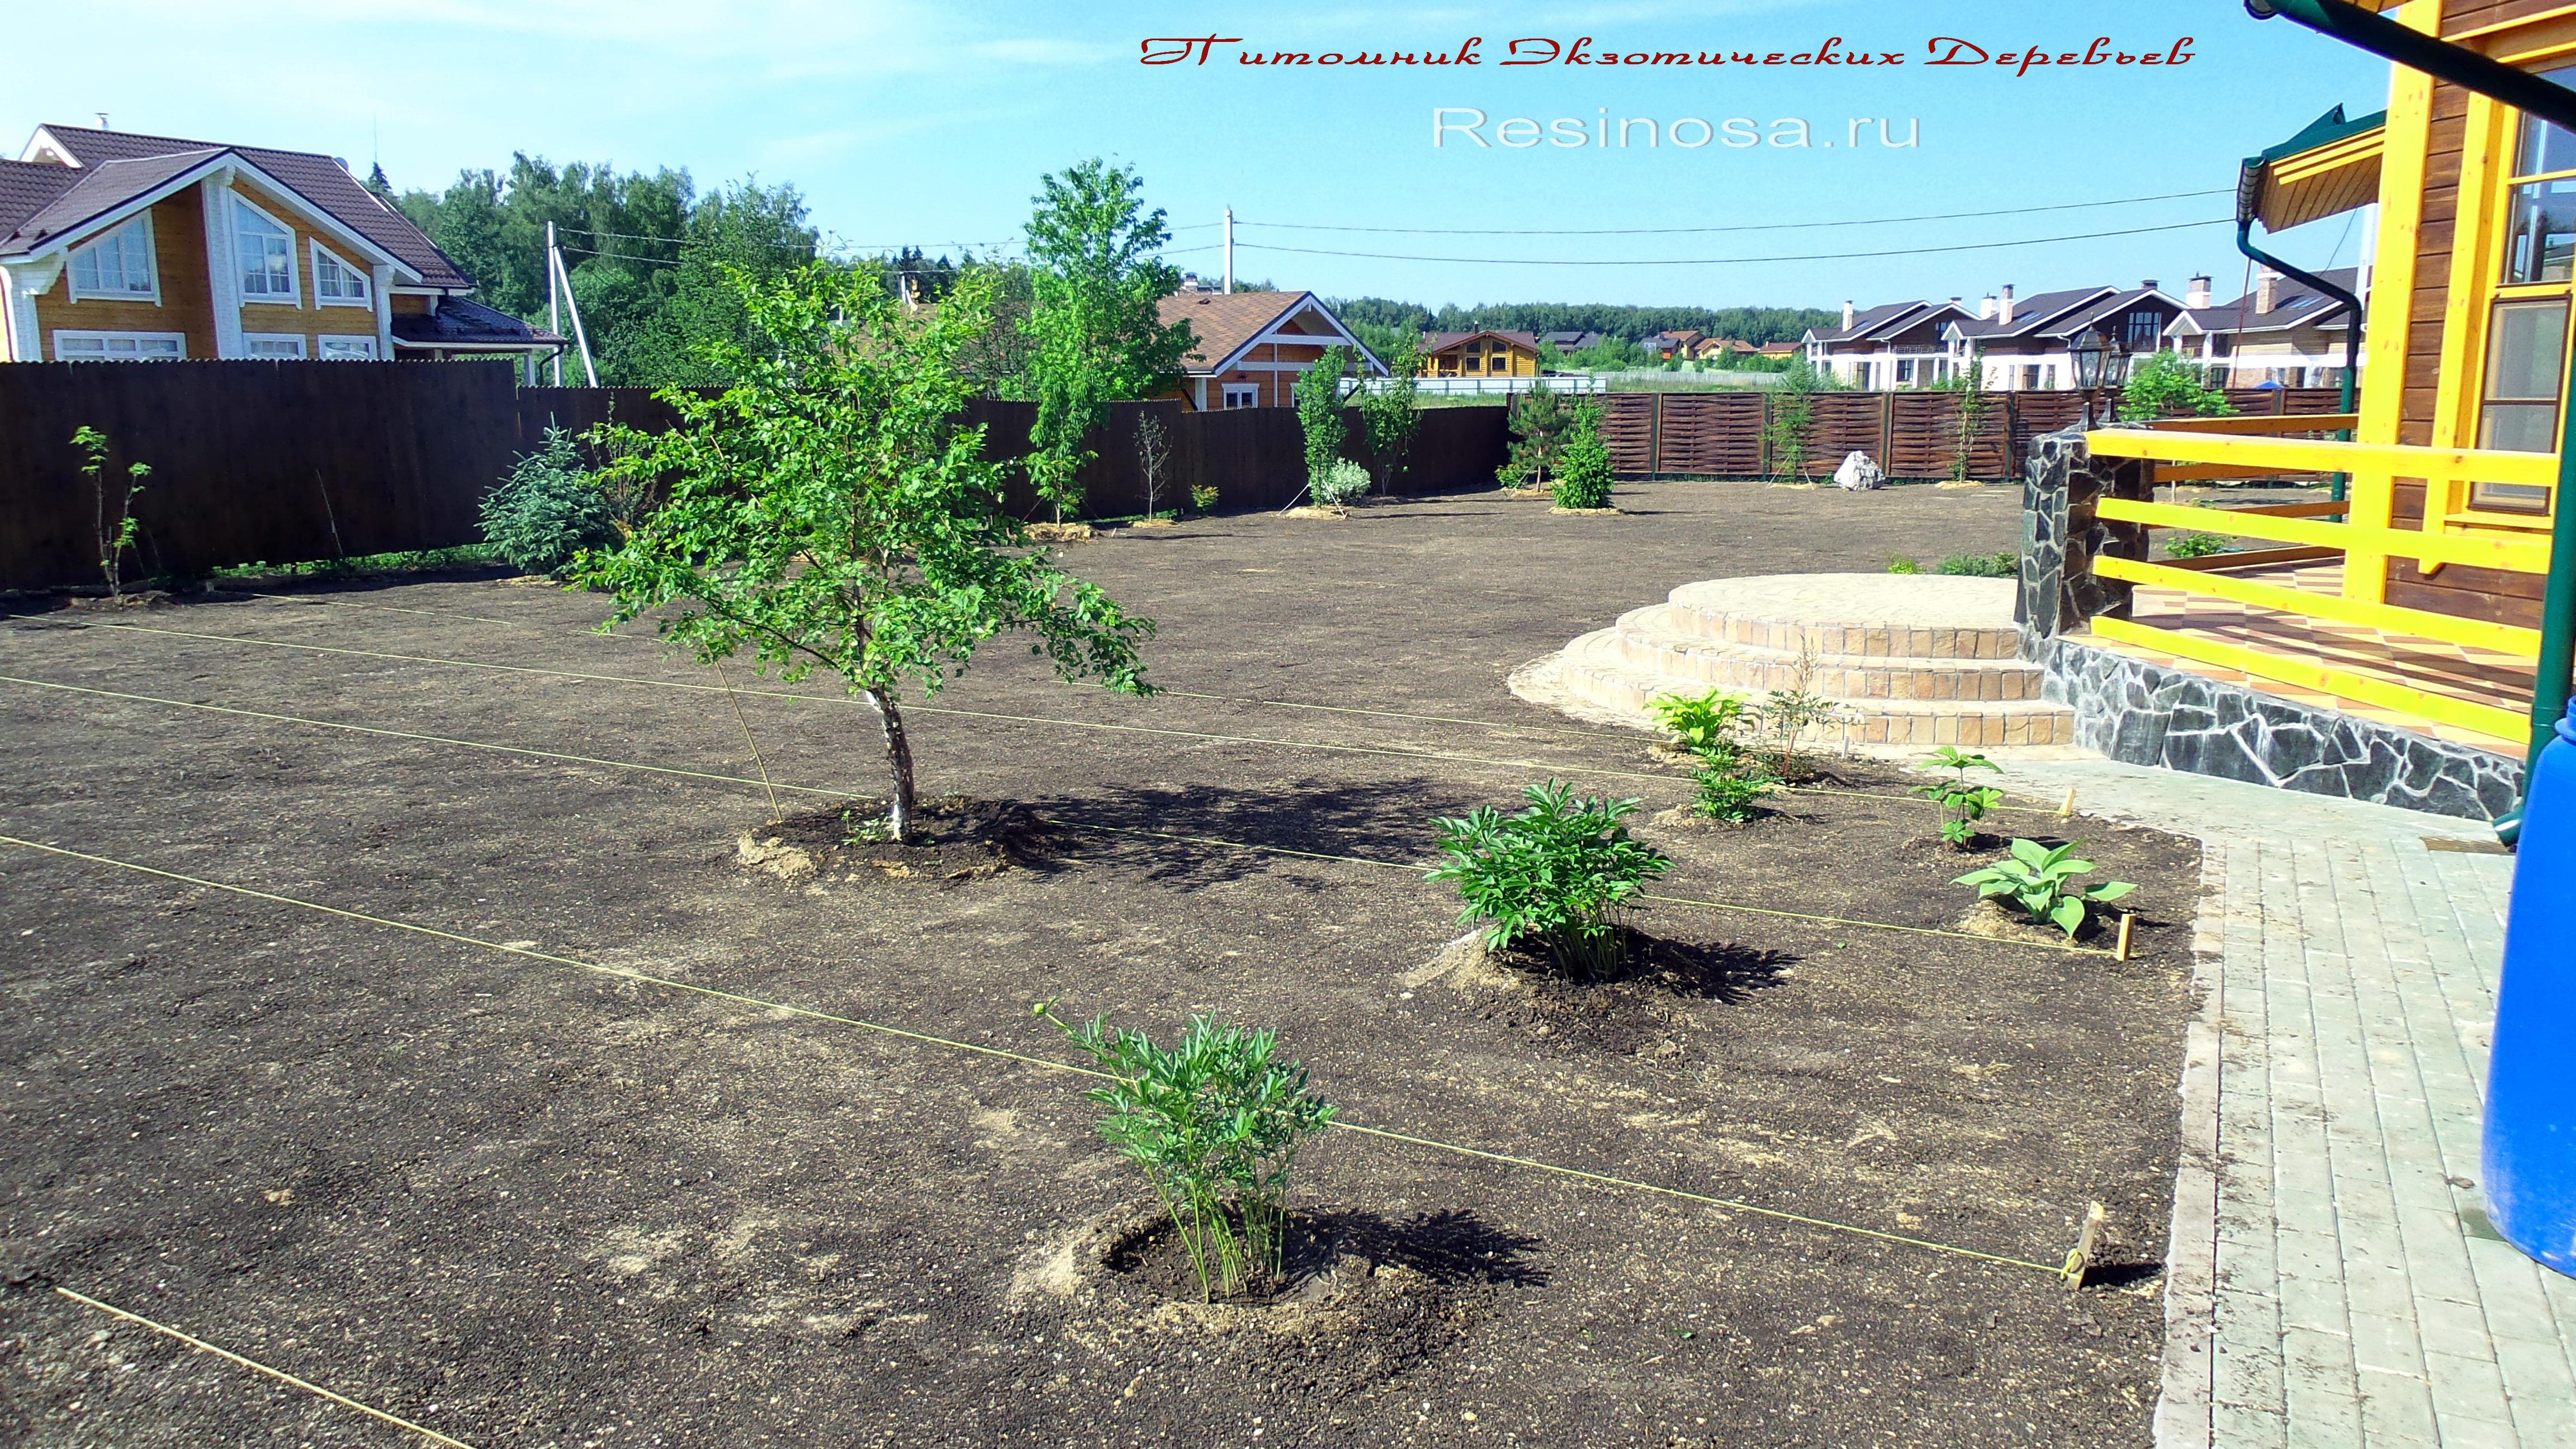 Выровненный и засеянный семенами газонных трав участок.